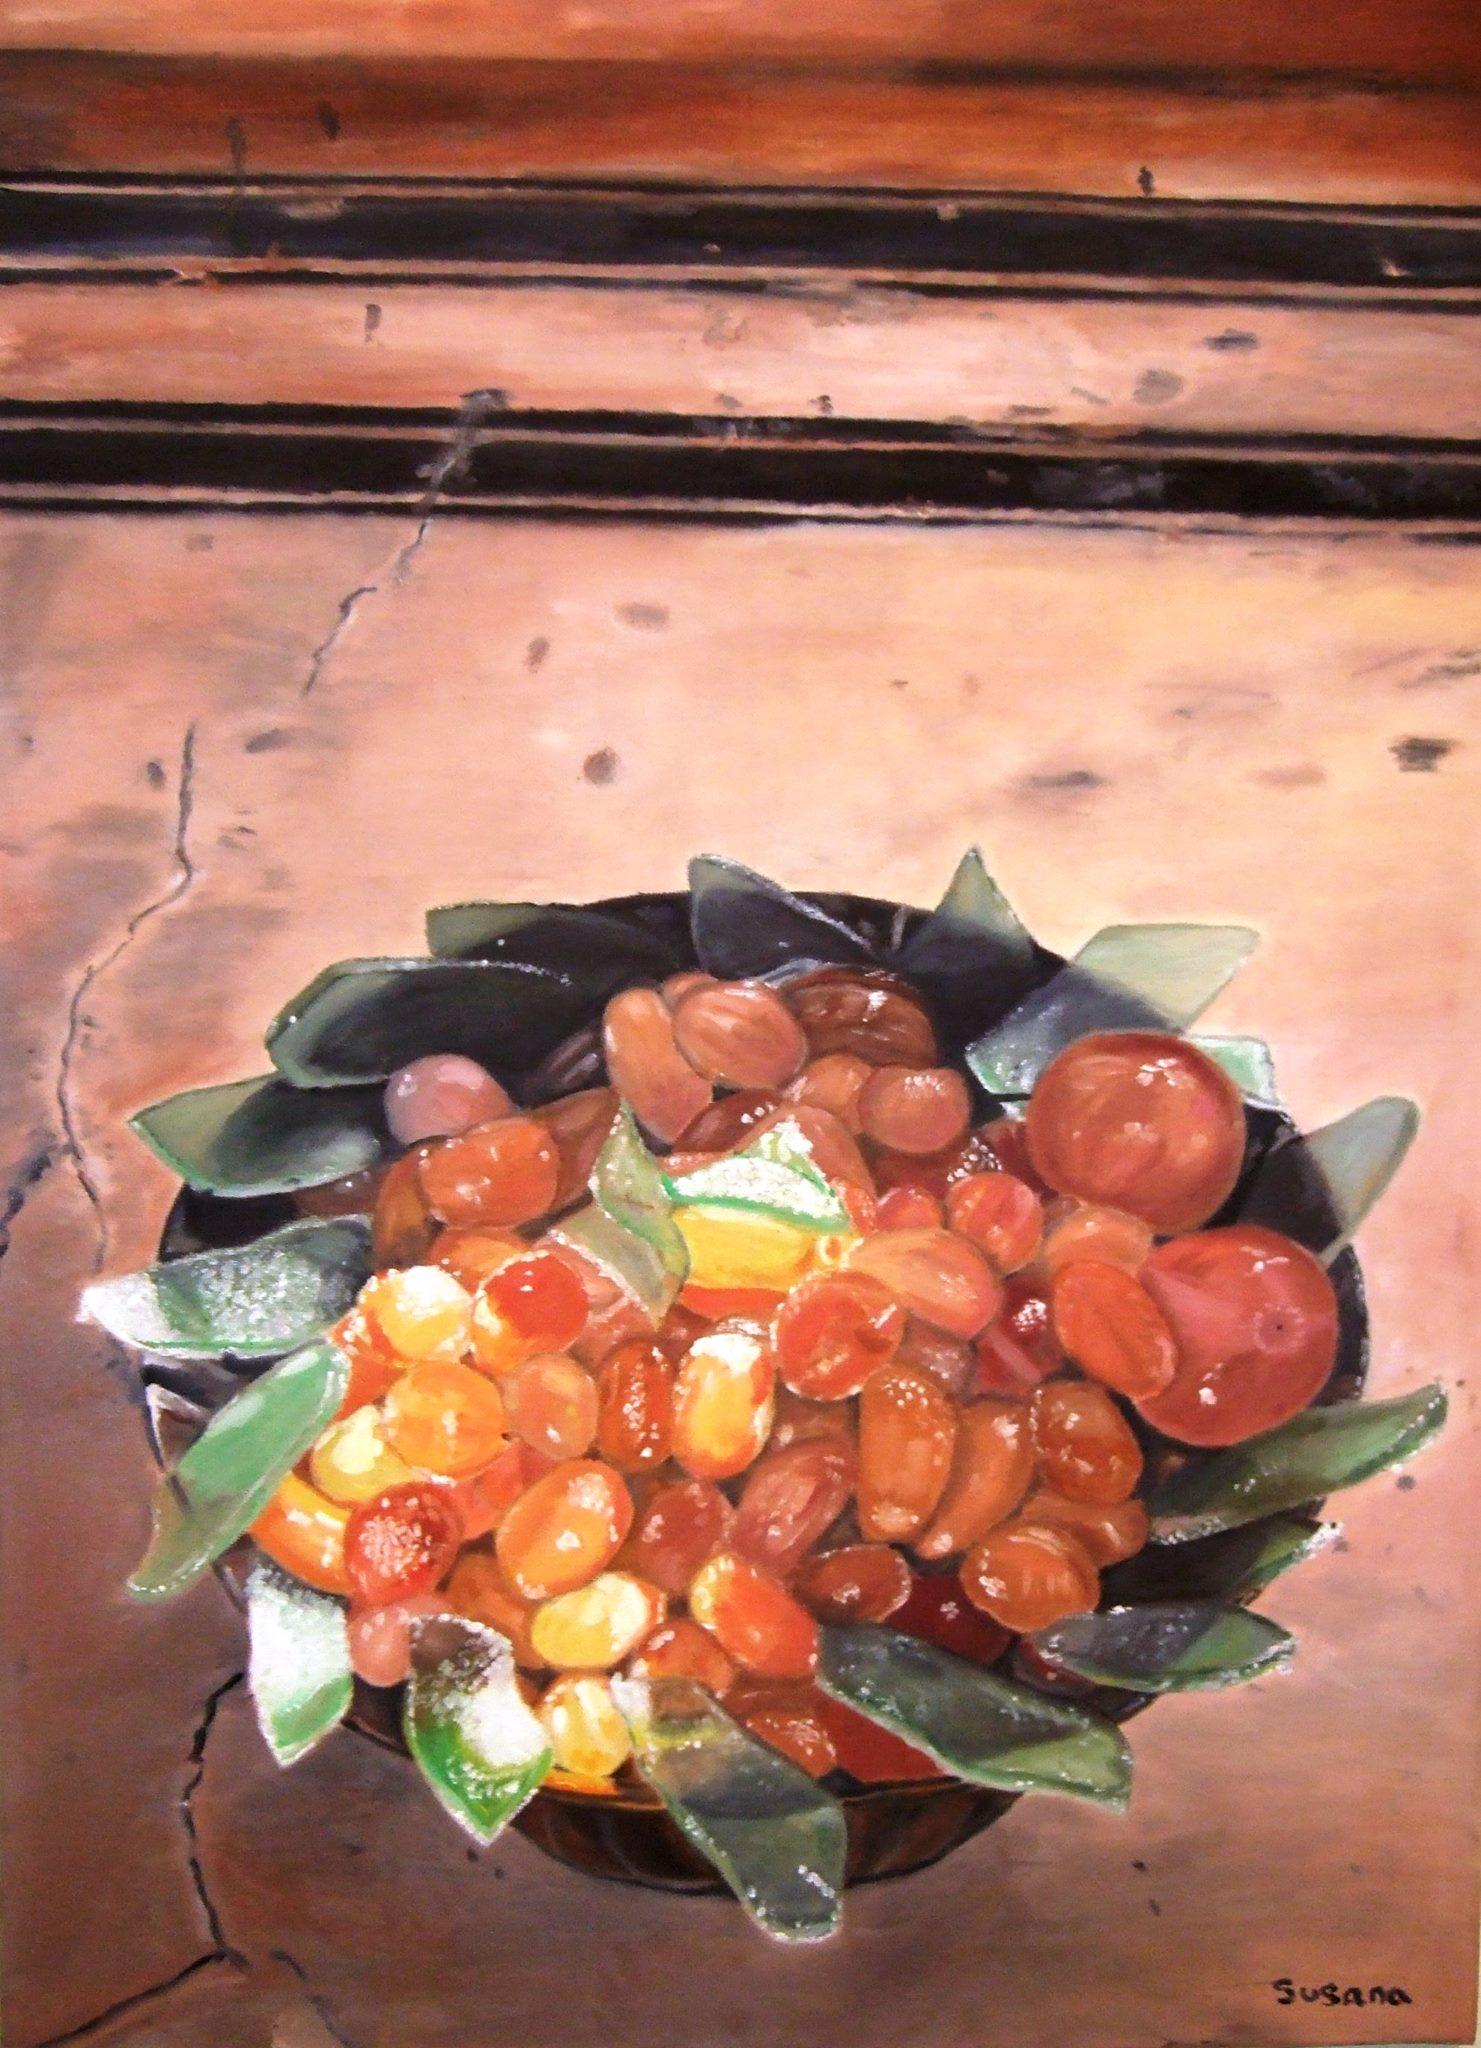 Vasija de frutas de Rajasthan